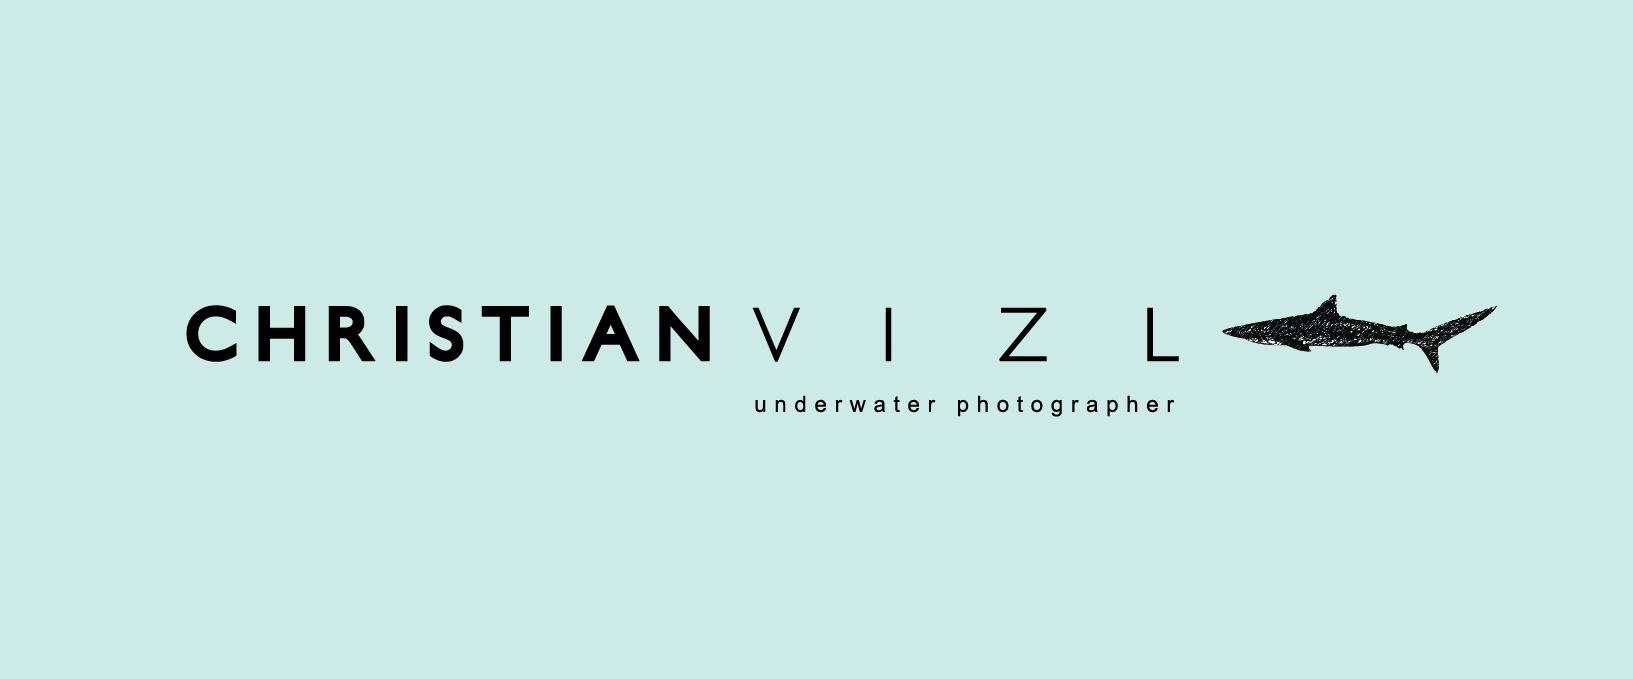 Christian Vizl's Signature